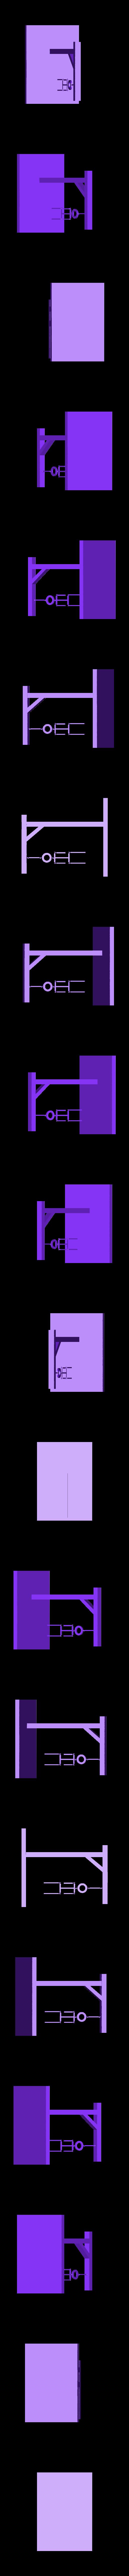 hangman_game.stl Download free STL file Hangman Game • 3D printable design, M3Dr